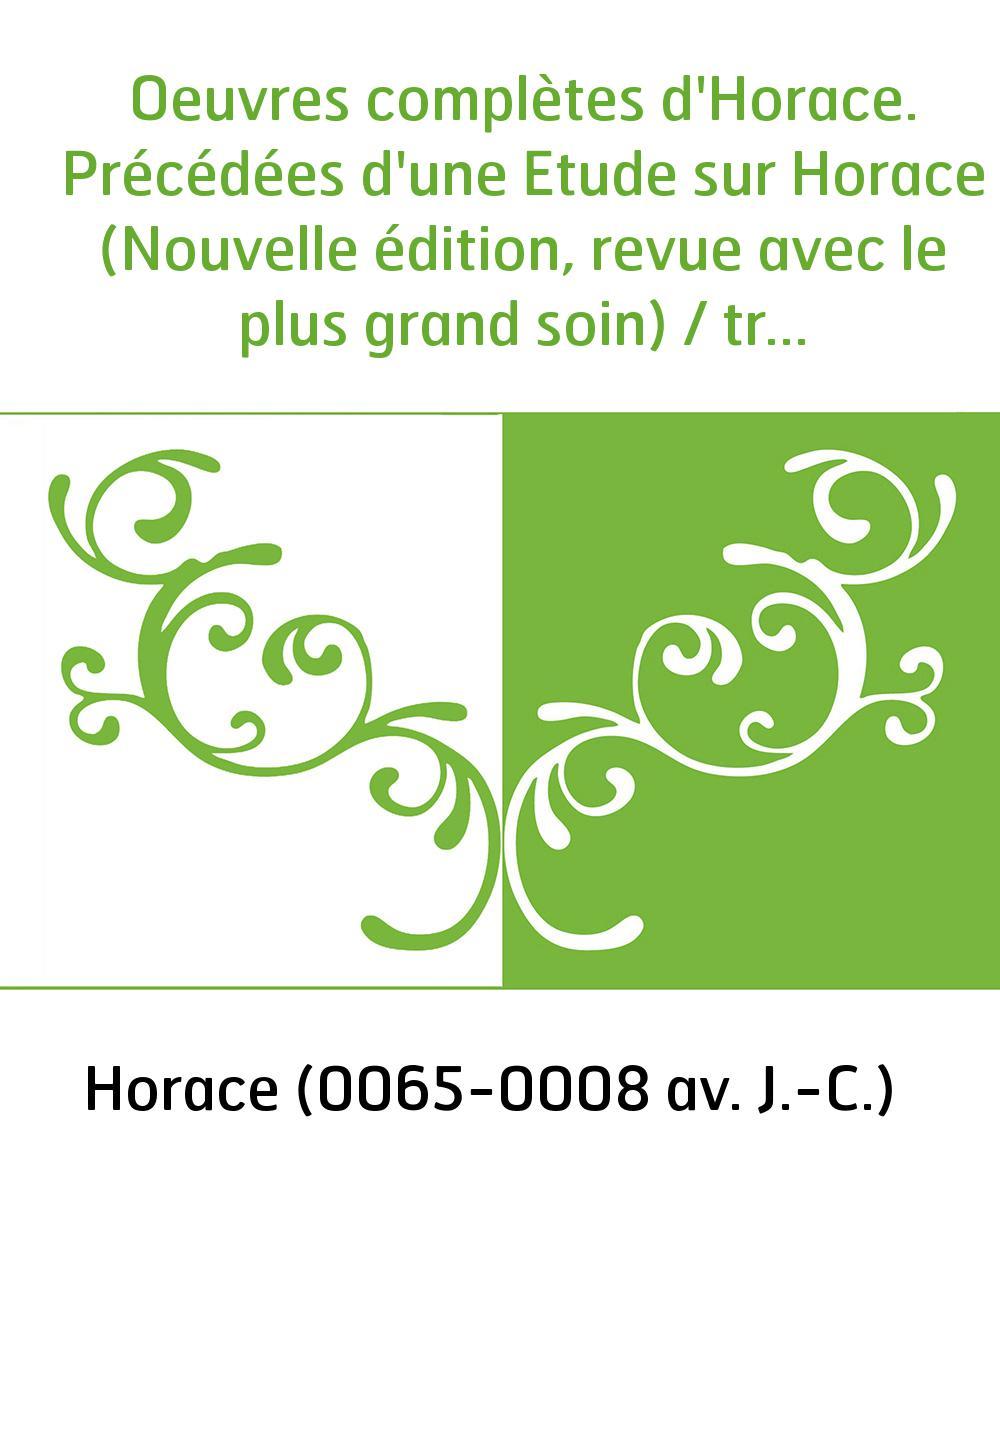 Oeuvres complètes d'Horace. Précédées d'une Etude sur Horace (Nouvelle édition, revue avec le plus grand soin) / traduites en fr